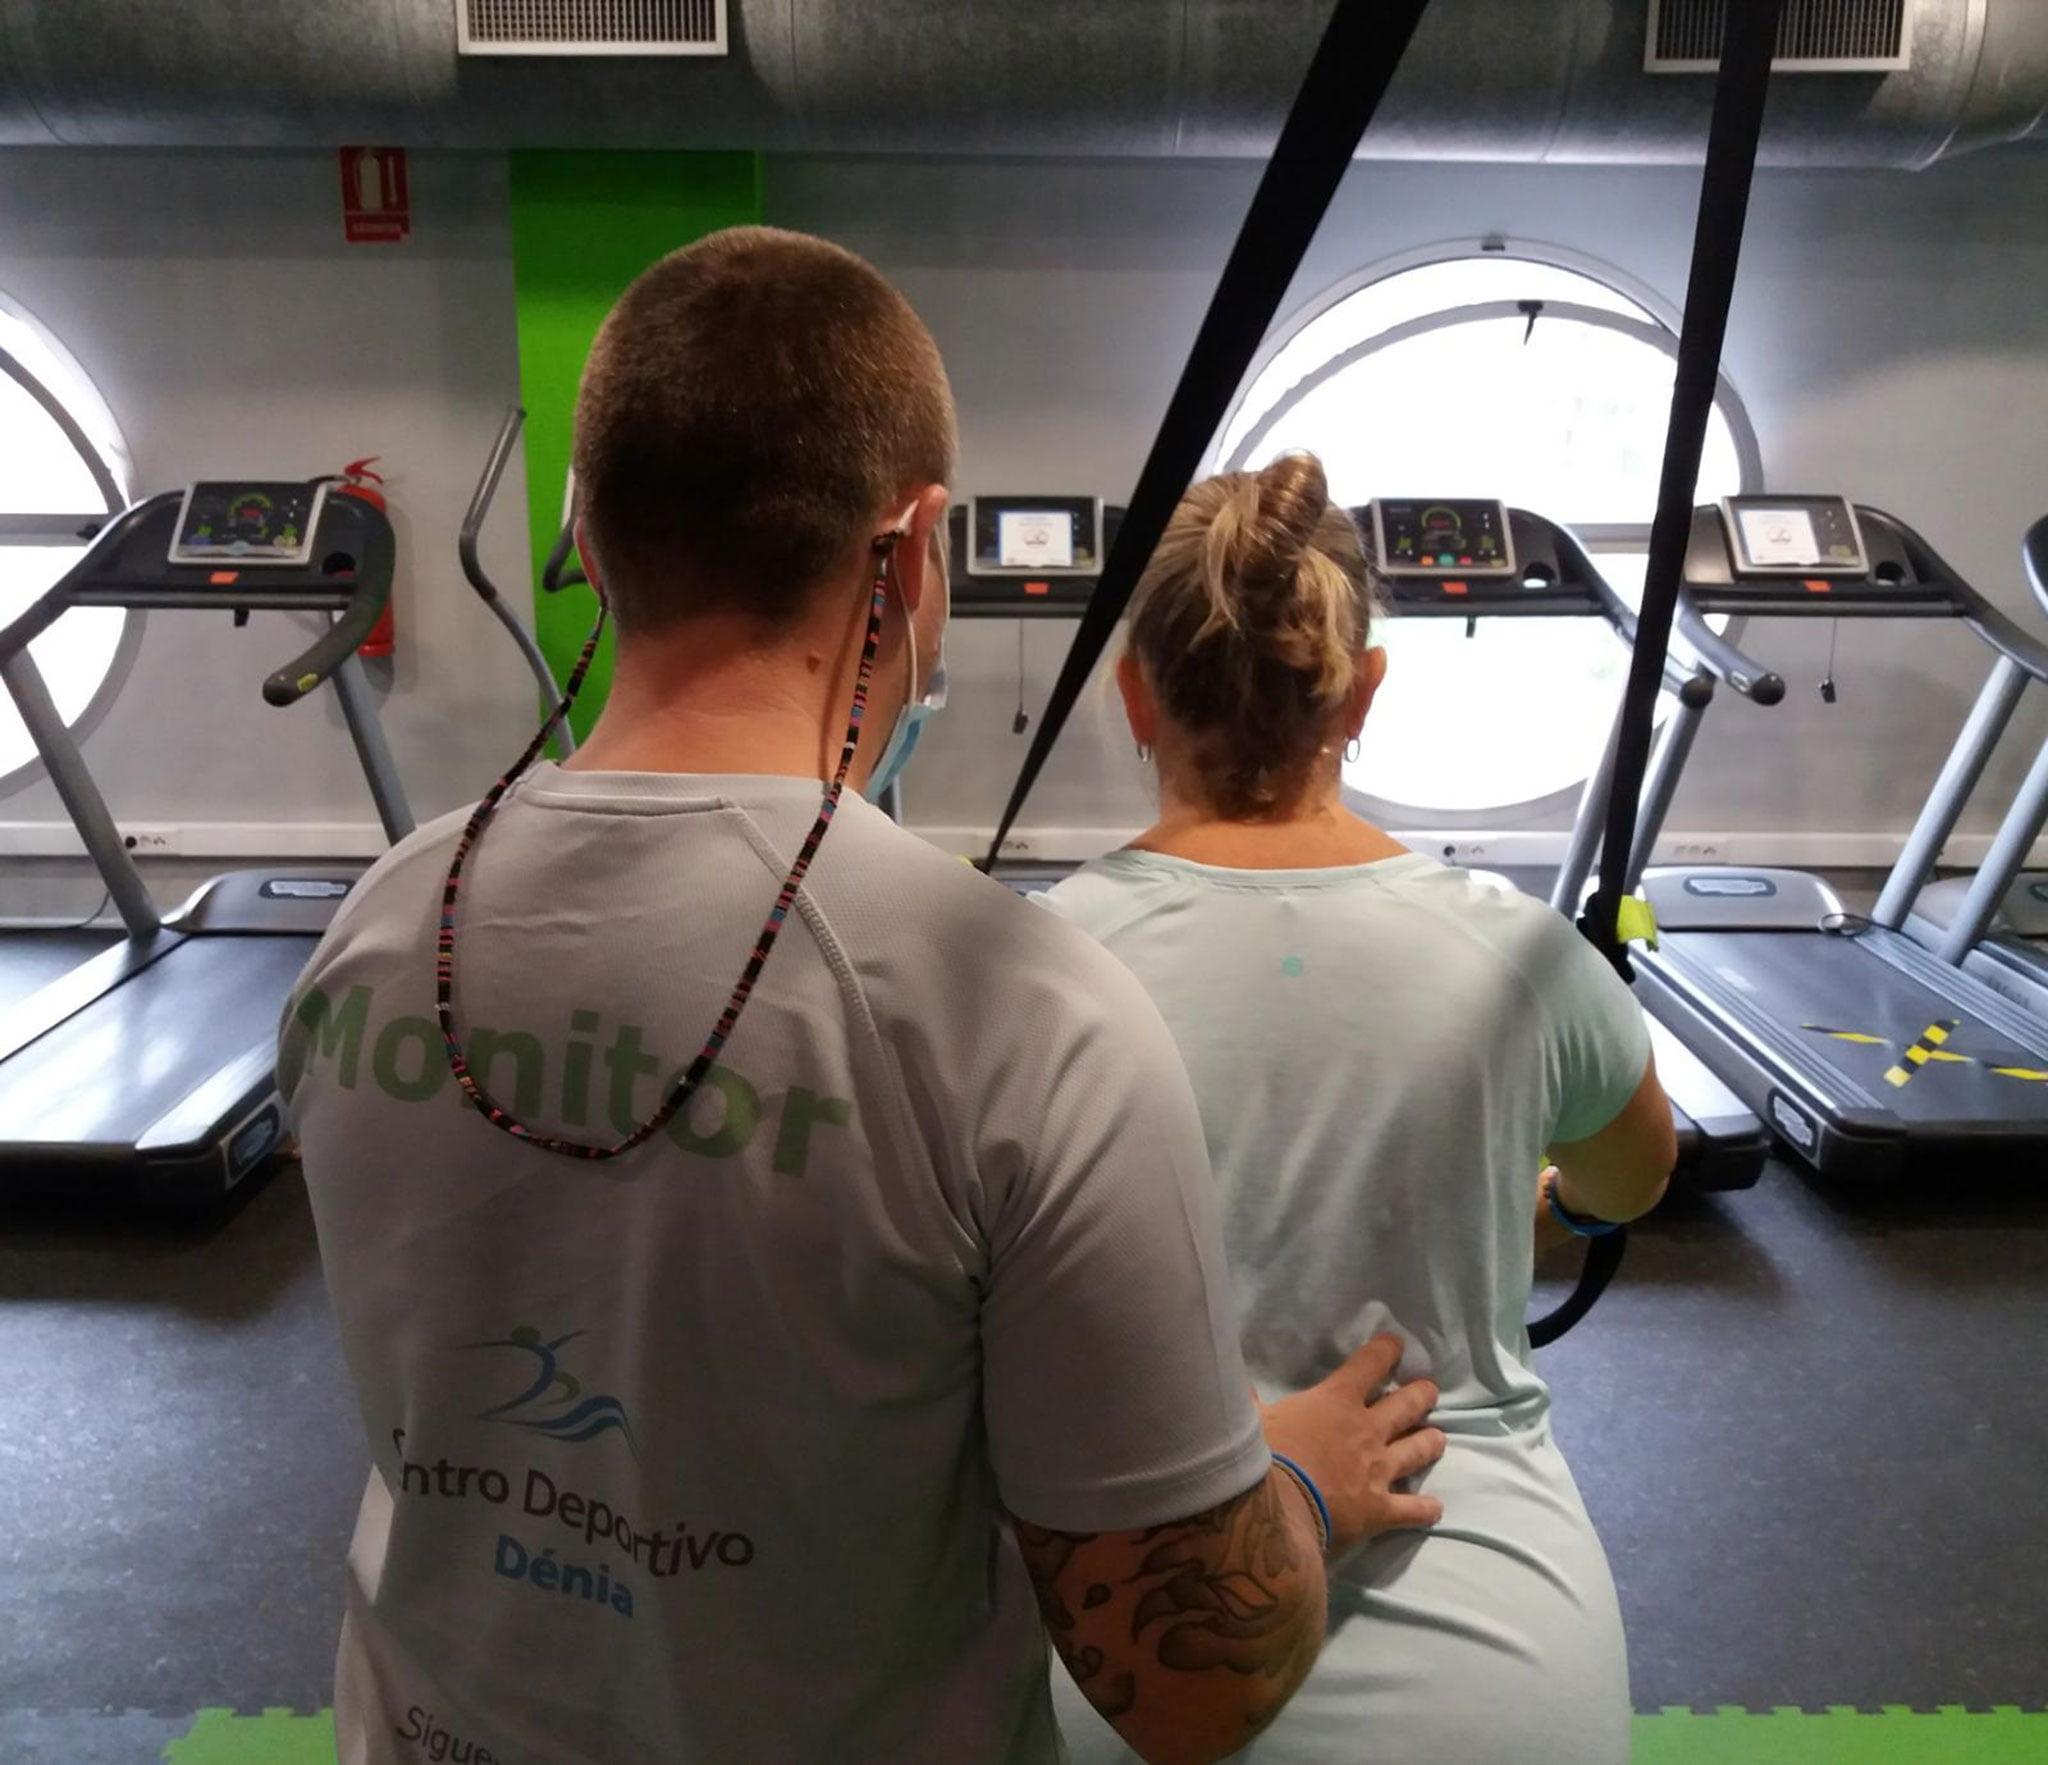 Planes de entrenamiento personalizados en Centro Deportivo Dénia